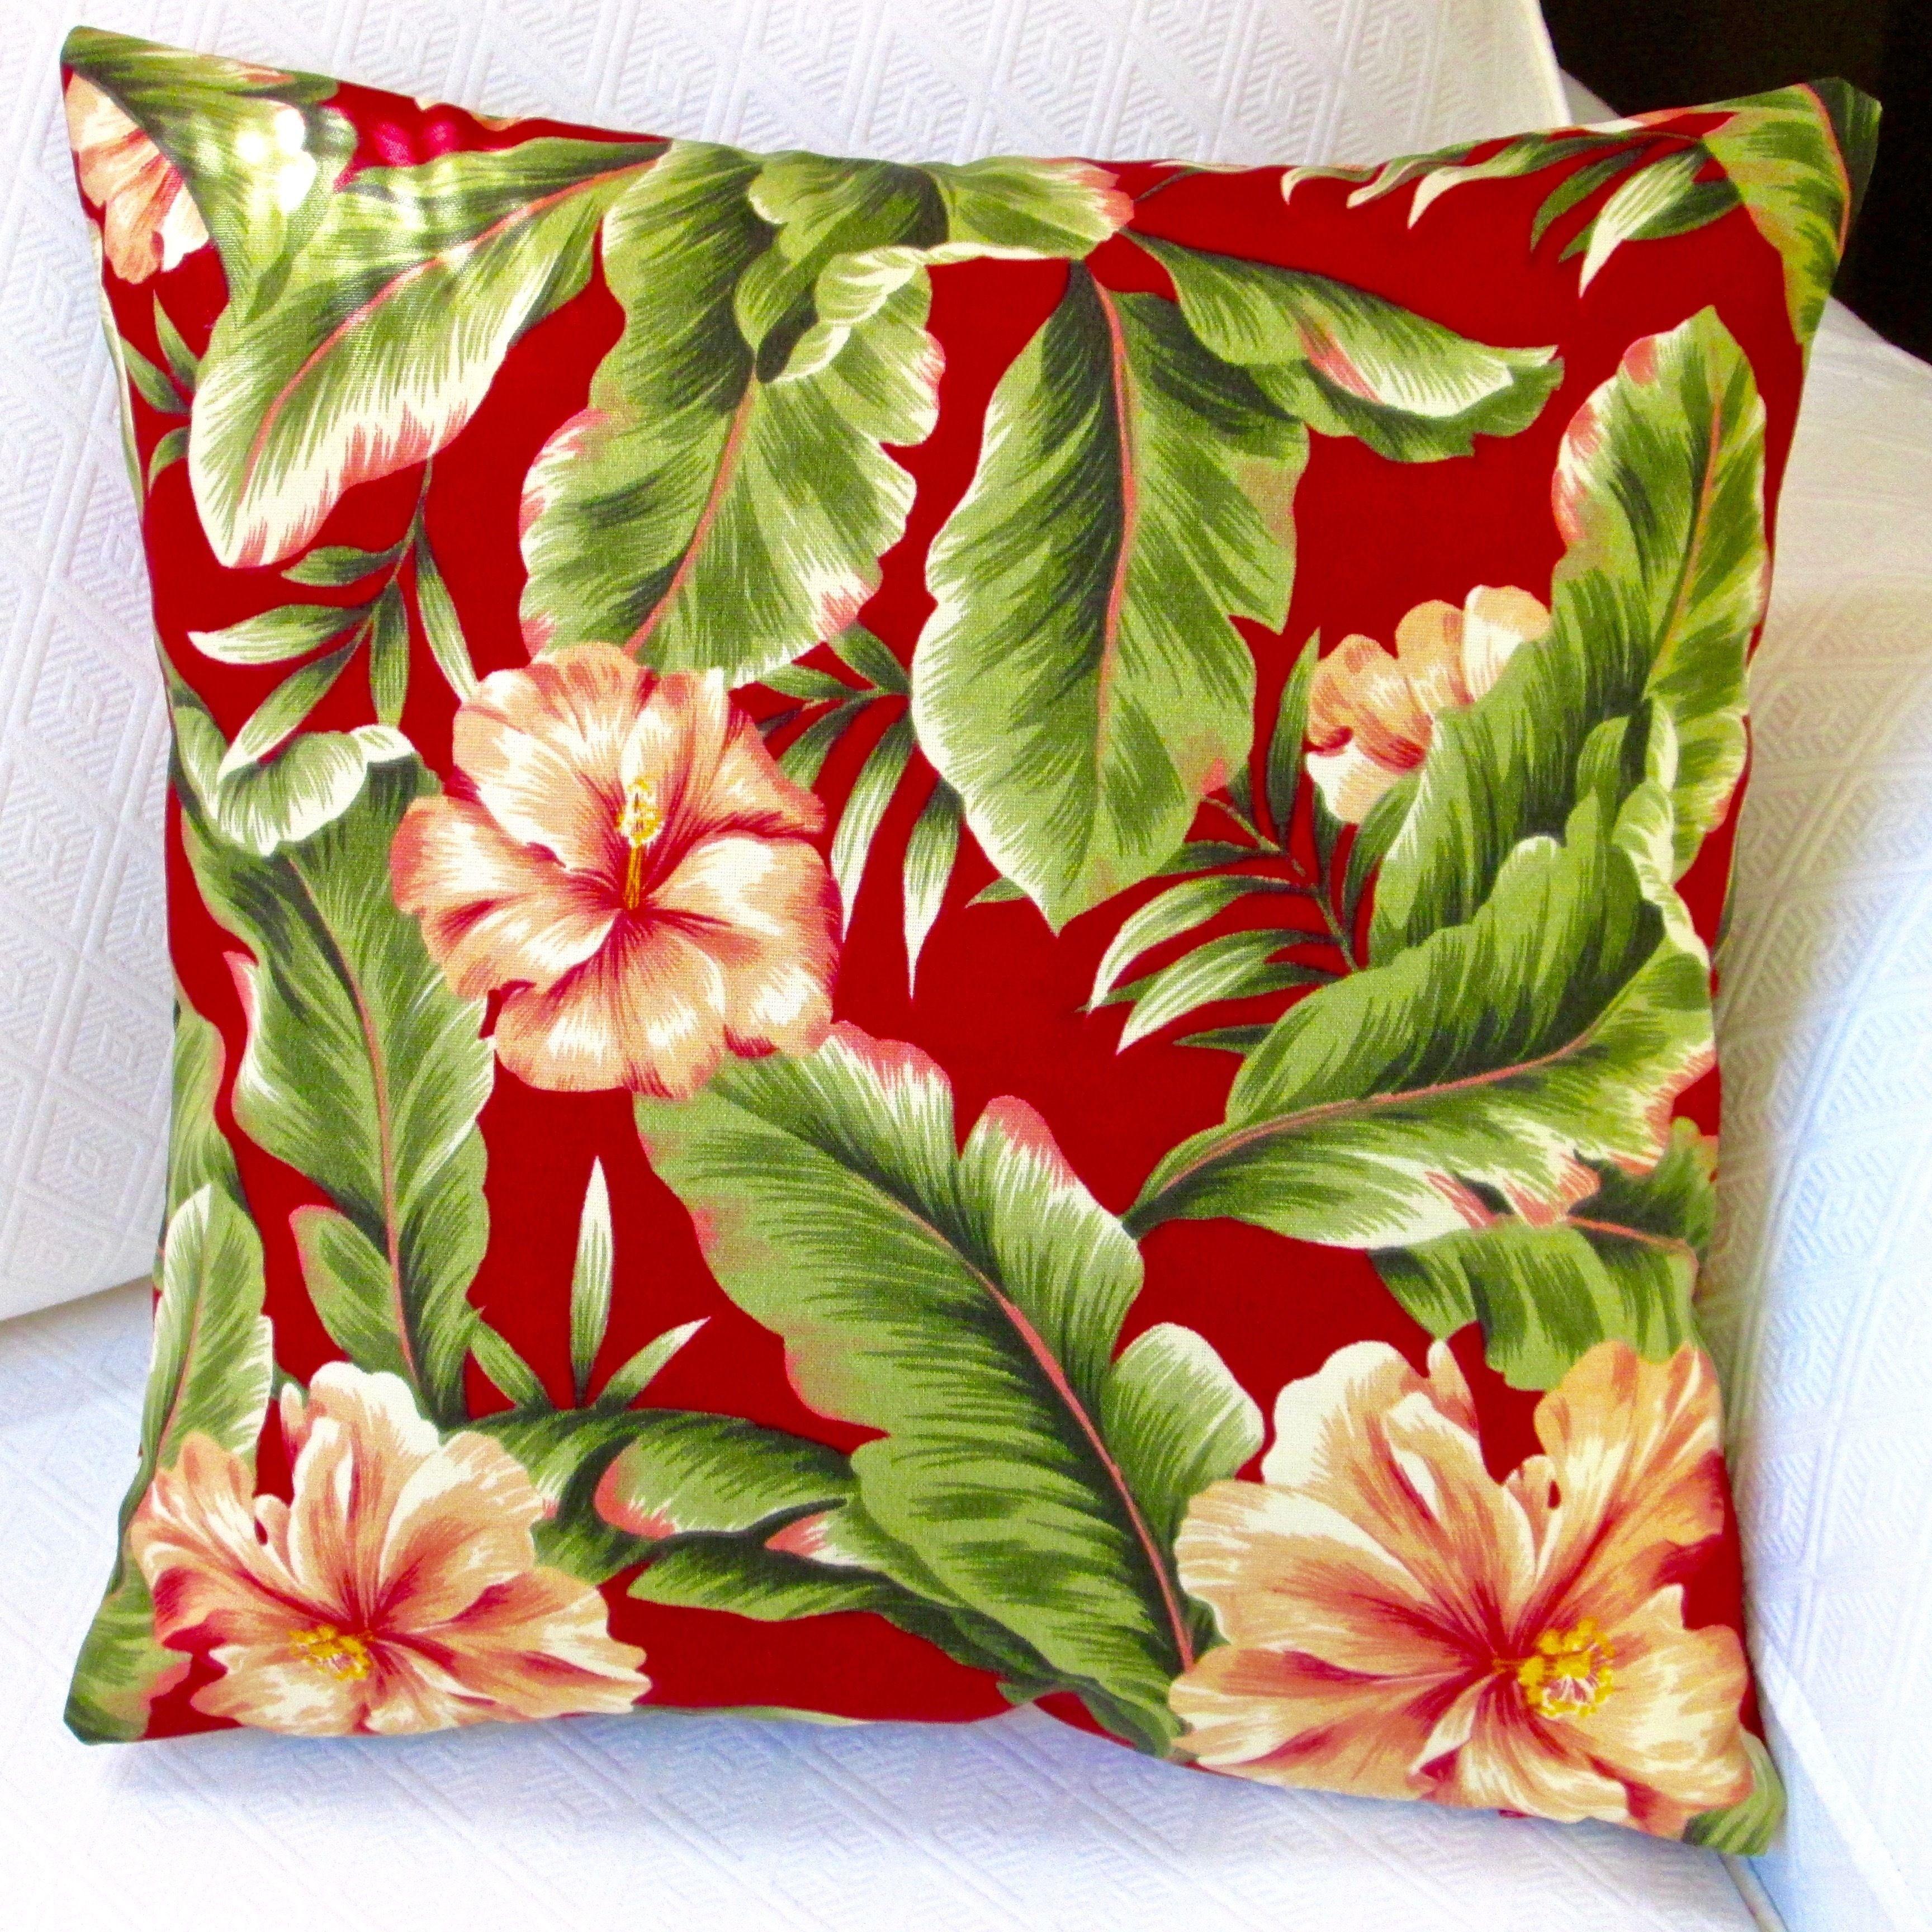 Artisan pillows indoor outdoor 18 inch red hawaiian tropical island artisan pillows indoor outdoor 18 inch red hawaiian tropical island beach decor hibiscus flower izmirmasajfo Images